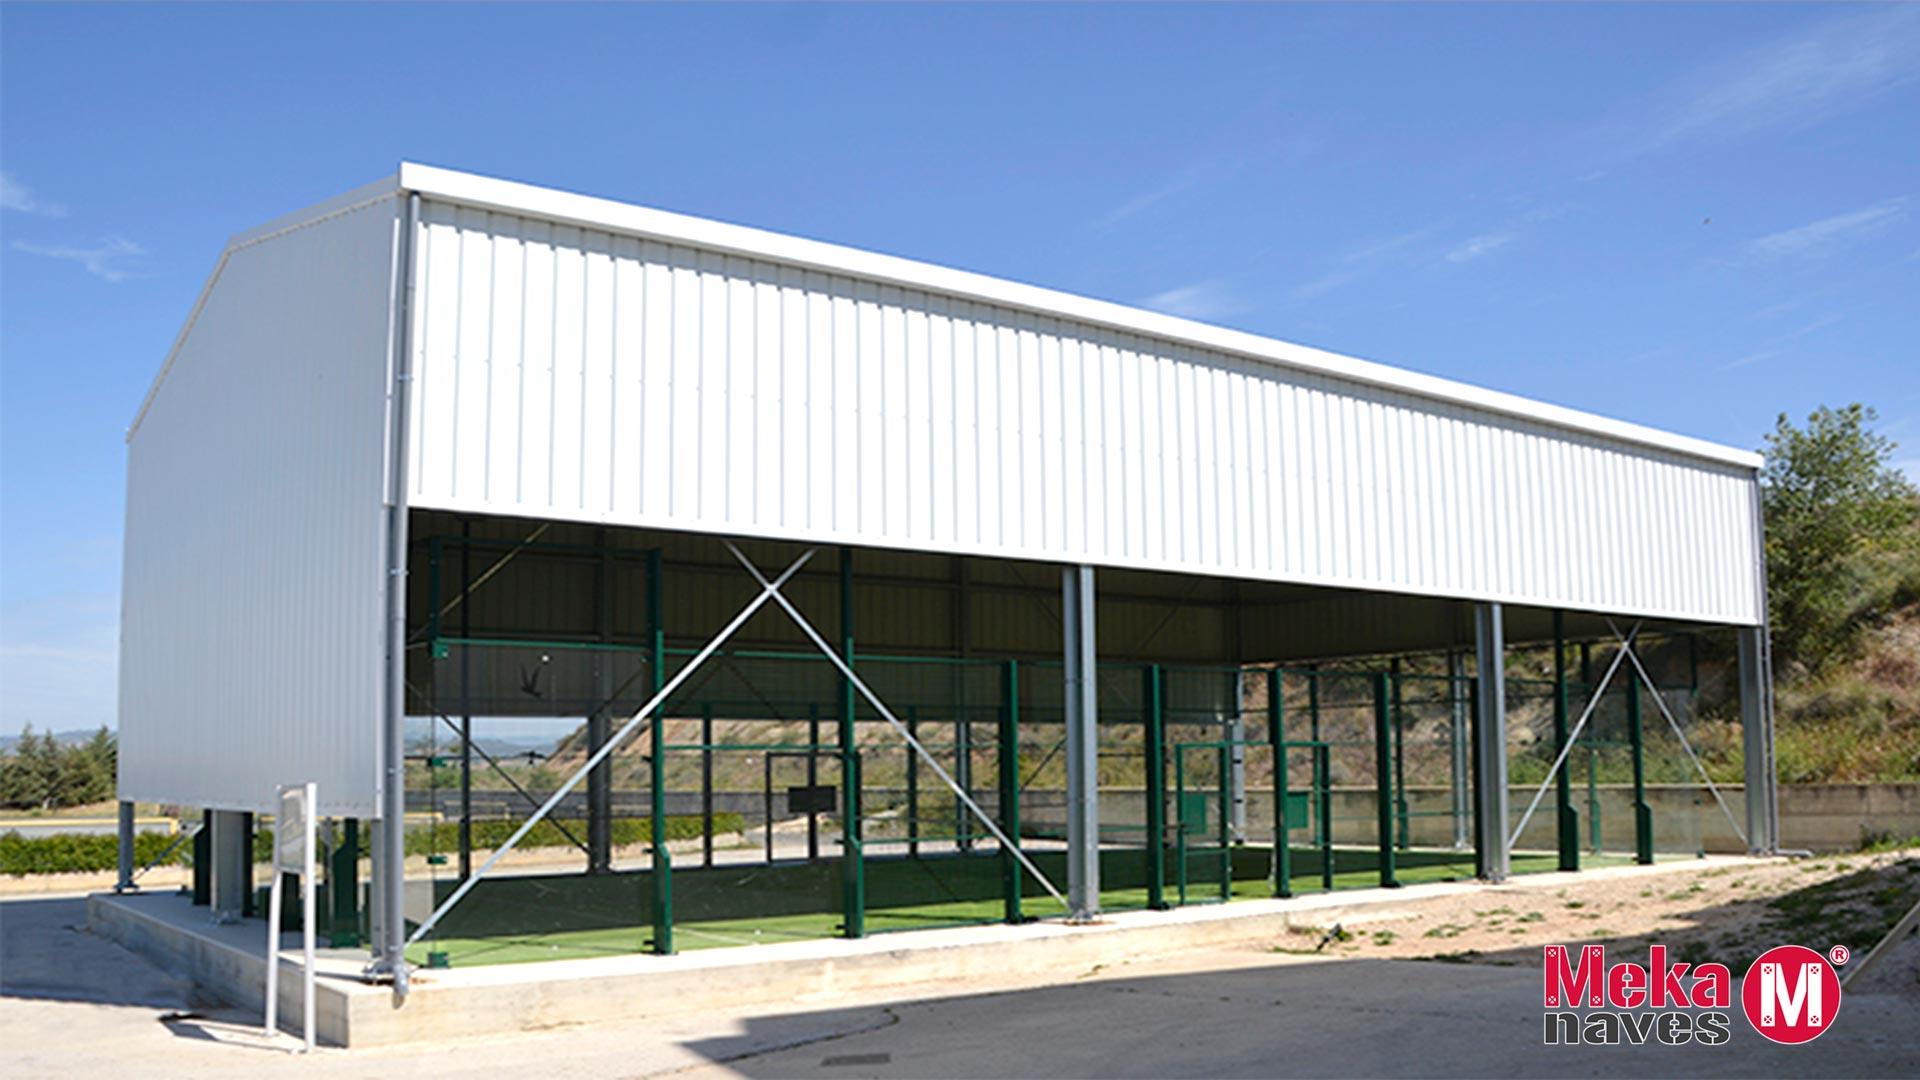 Bâtiments pour les installations sportives